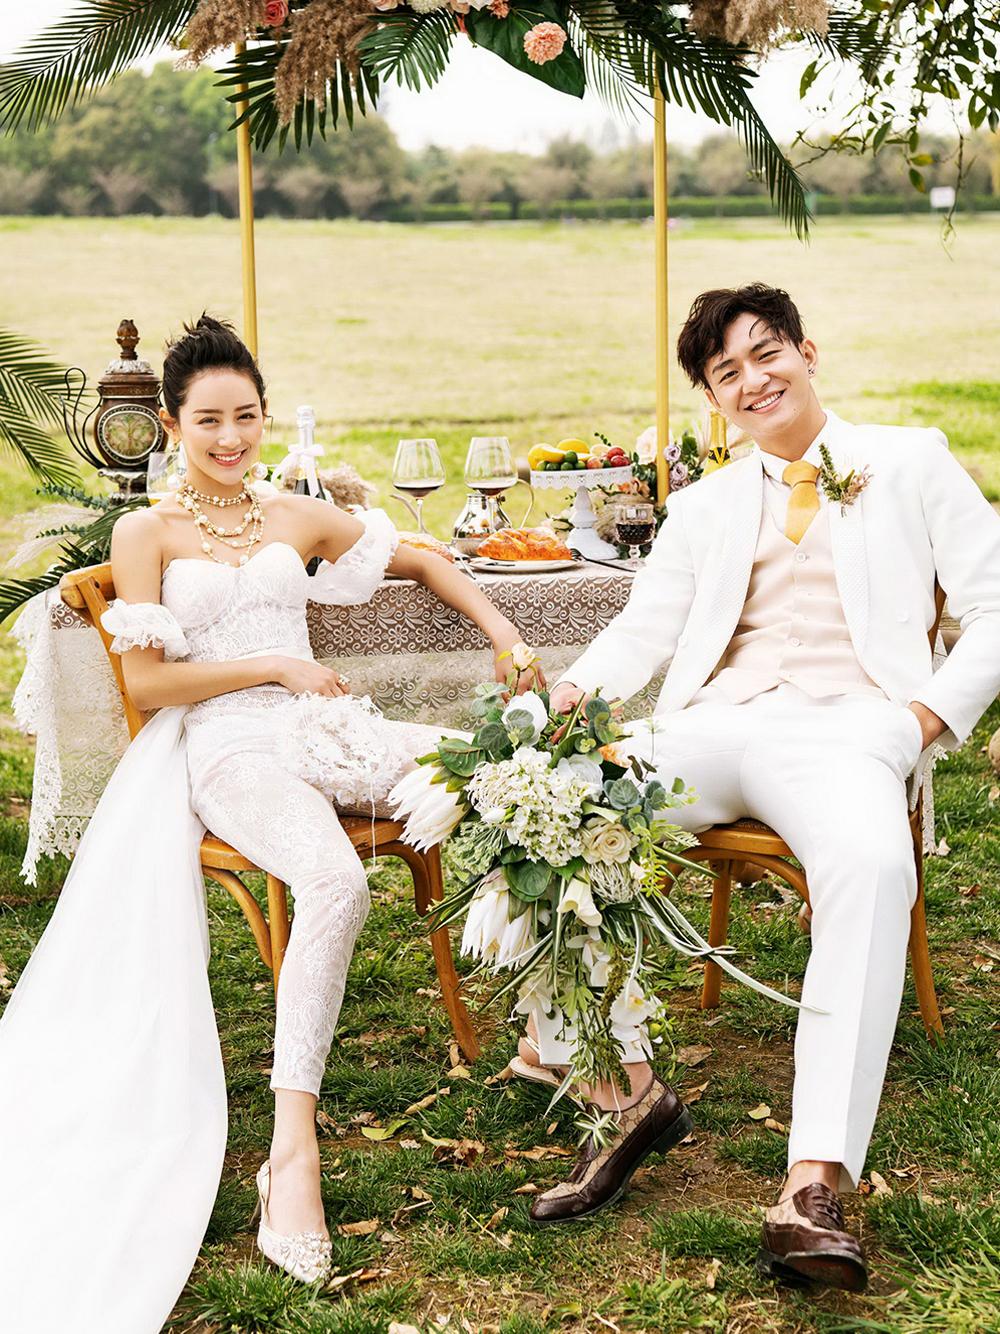 米蘭2020儀式感婚紗照樣片欣賞